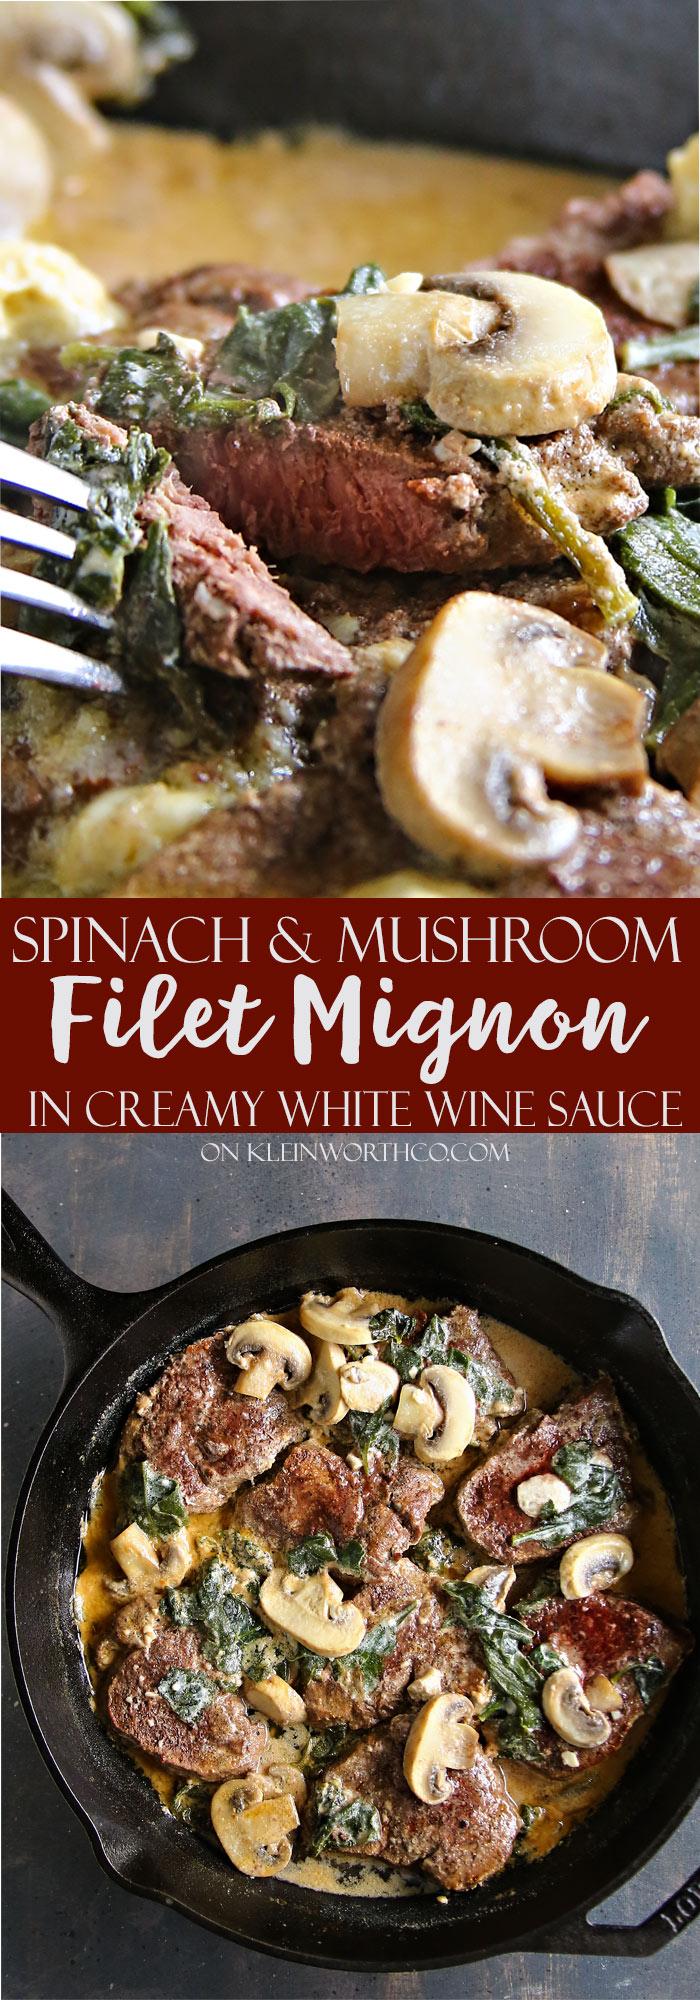 Spinach Mushroom Filet Mignon in Creamy White Wine Sauce